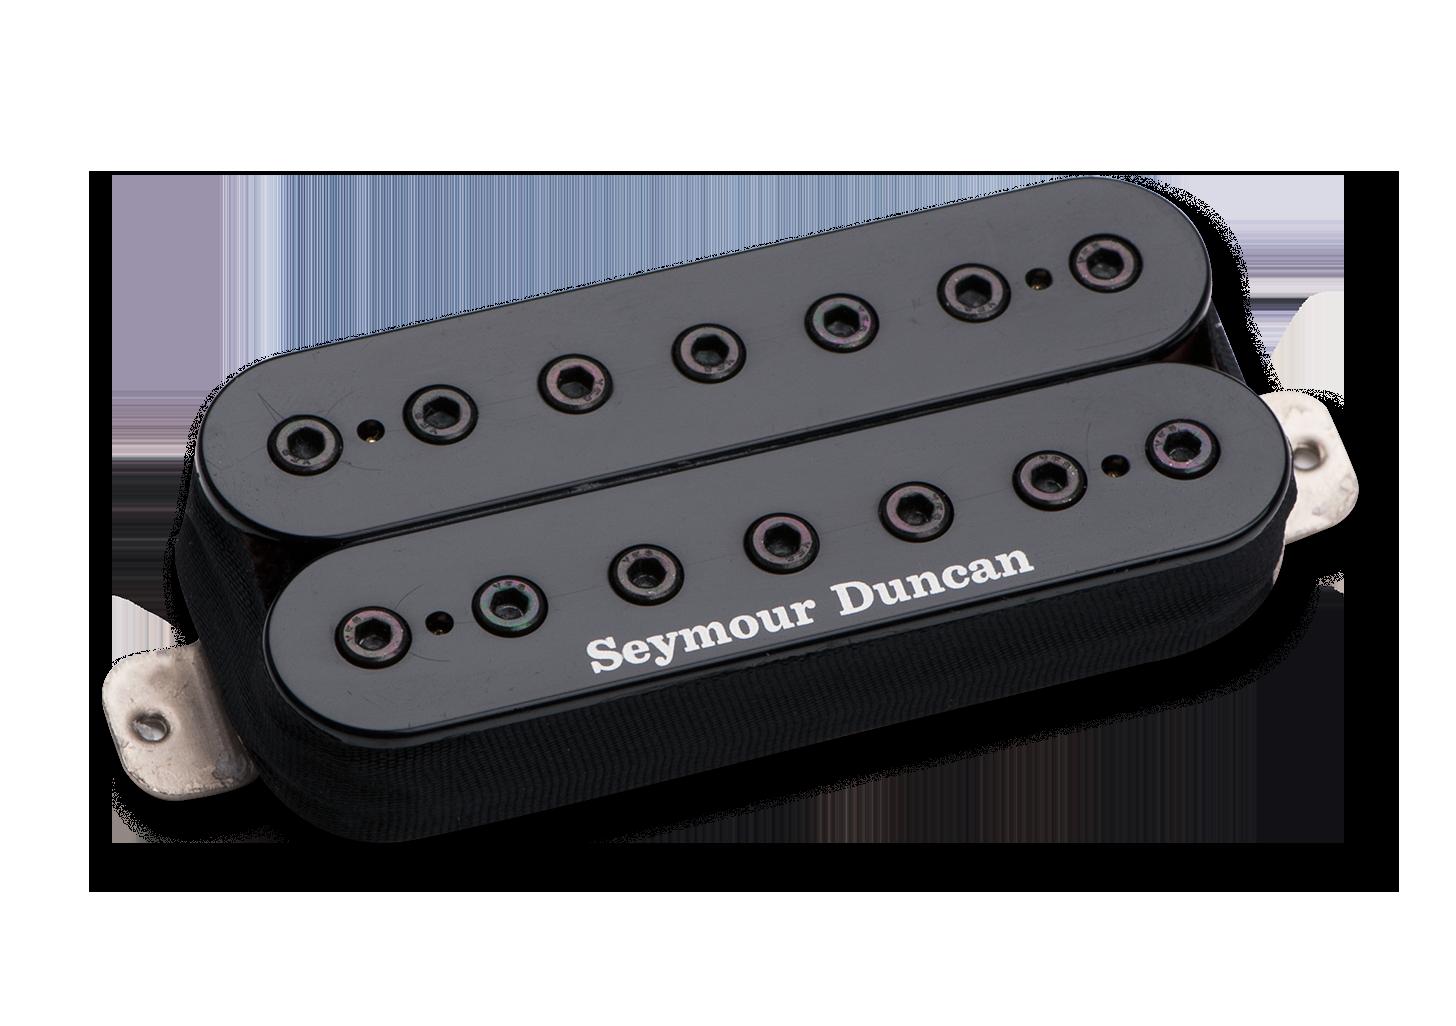 Seymour Duncan Full Shred Humbucker - SH-10N 7-String Neck - Black